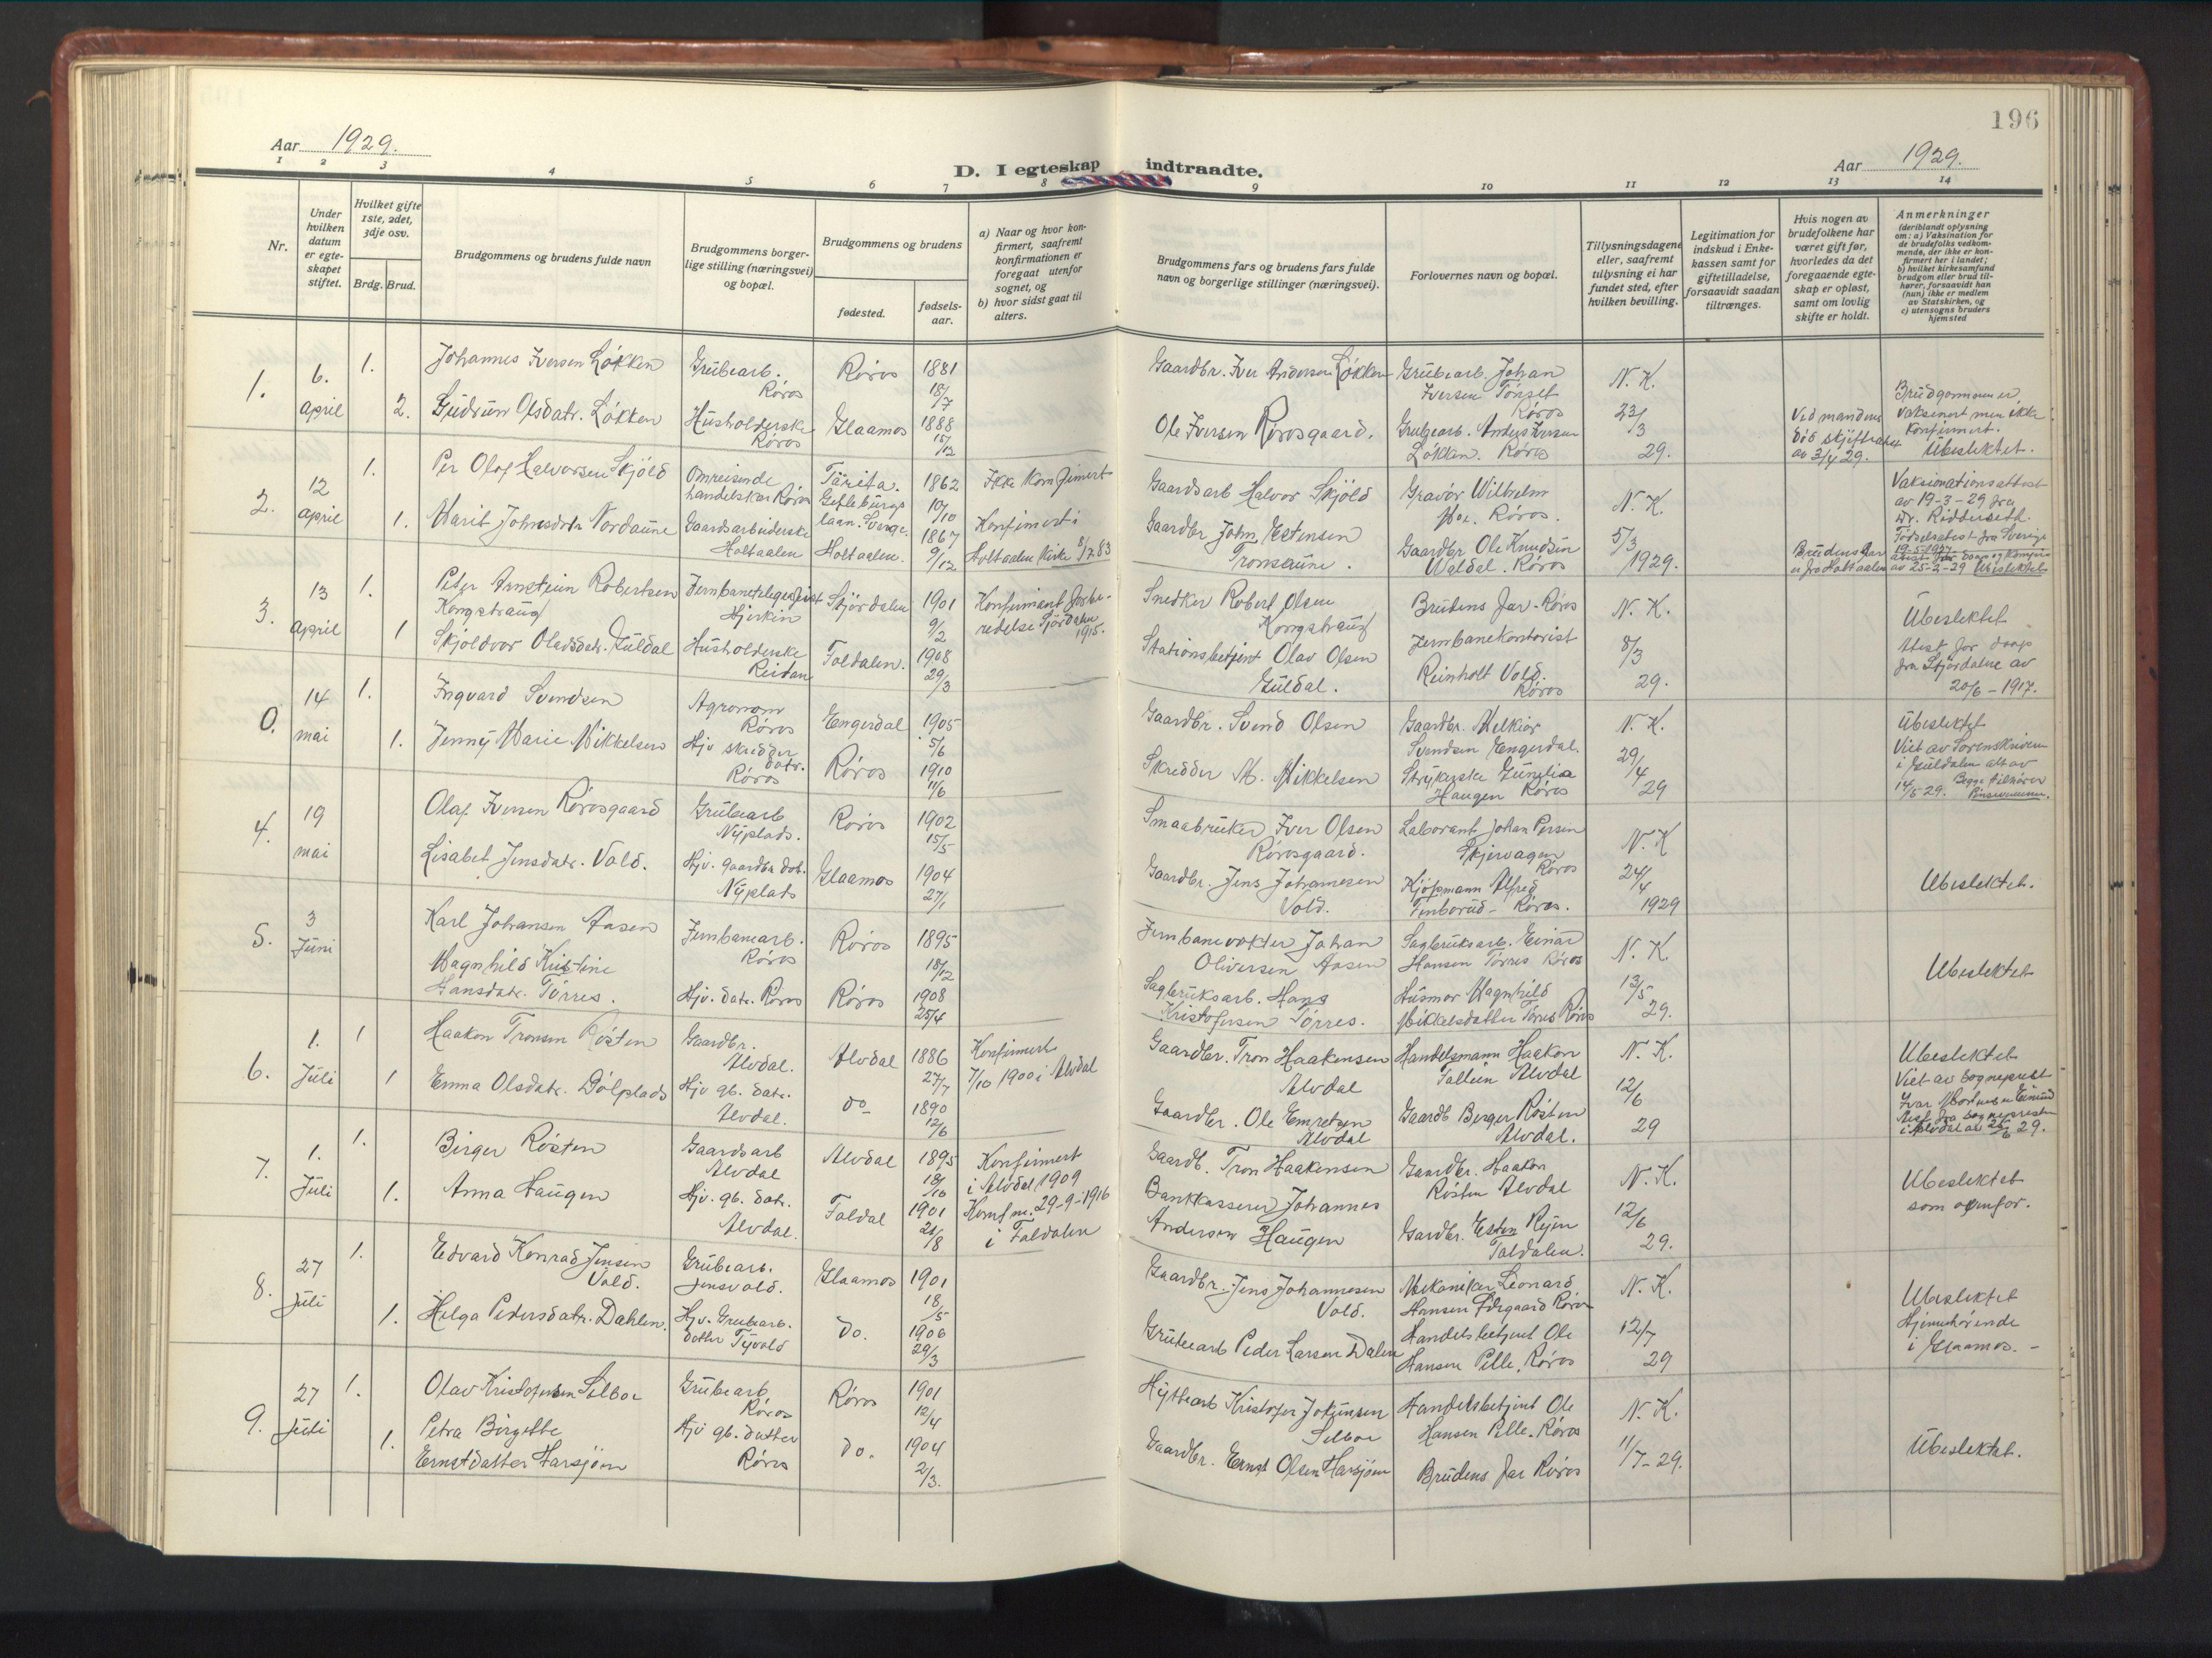 SAT, Ministerialprotokoller, klokkerbøker og fødselsregistre - Sør-Trøndelag, 681/L0943: Klokkerbok nr. 681C07, 1926-1954, s. 196